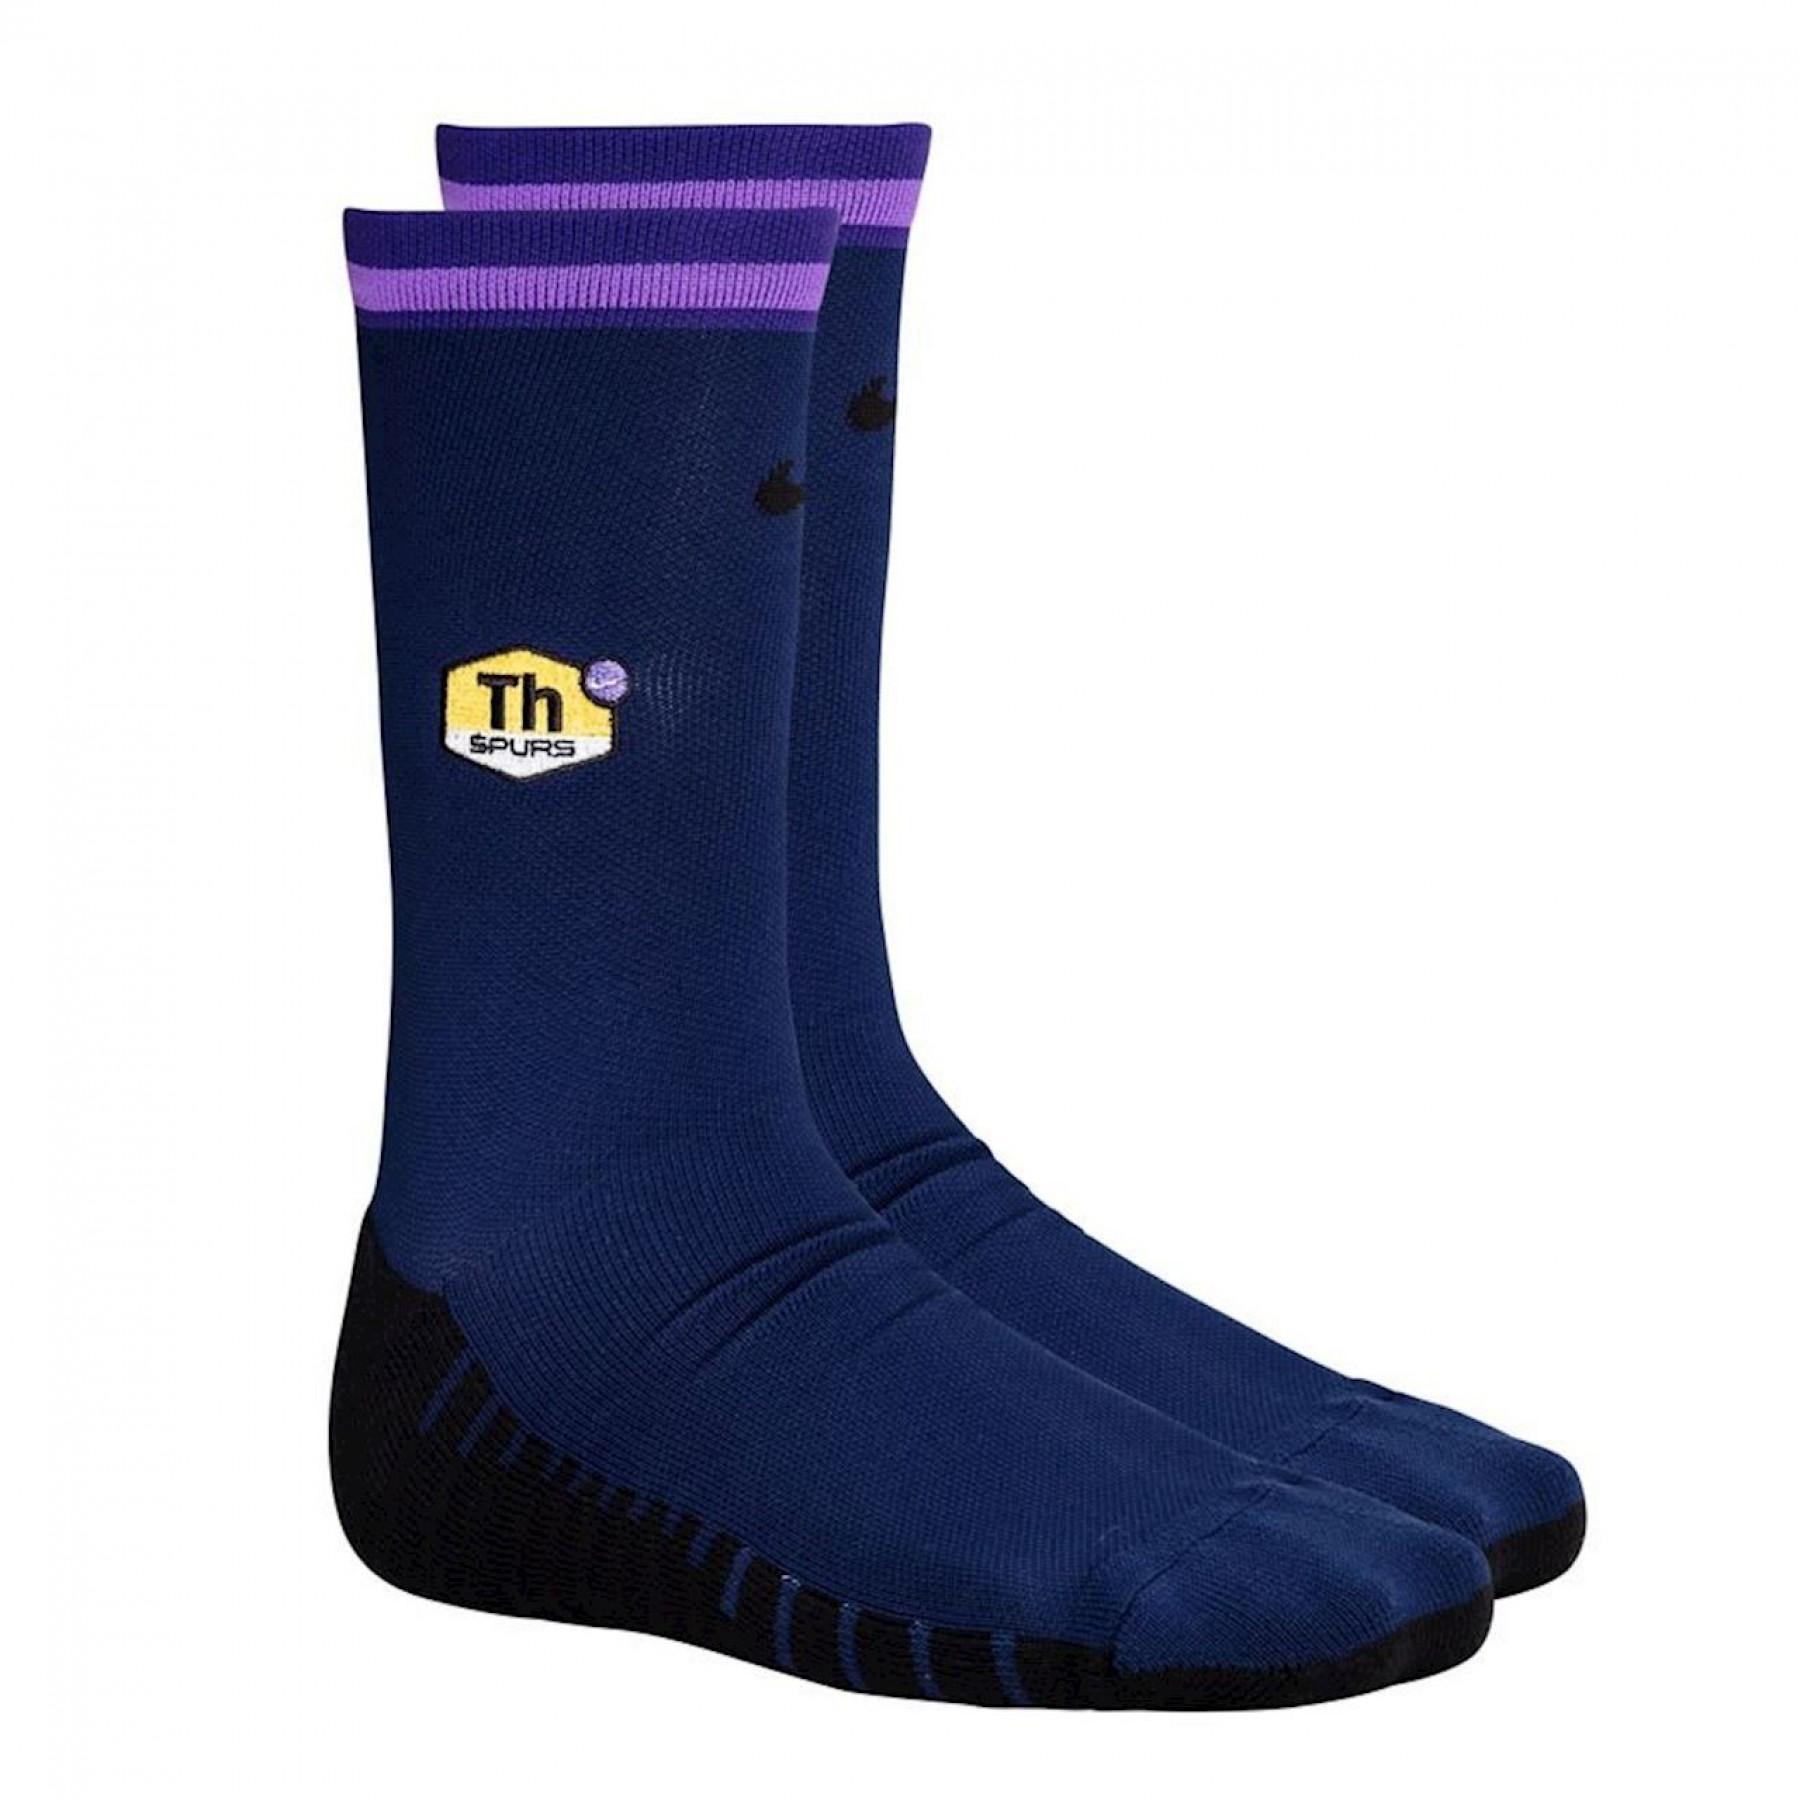 tottenham squad crew socks